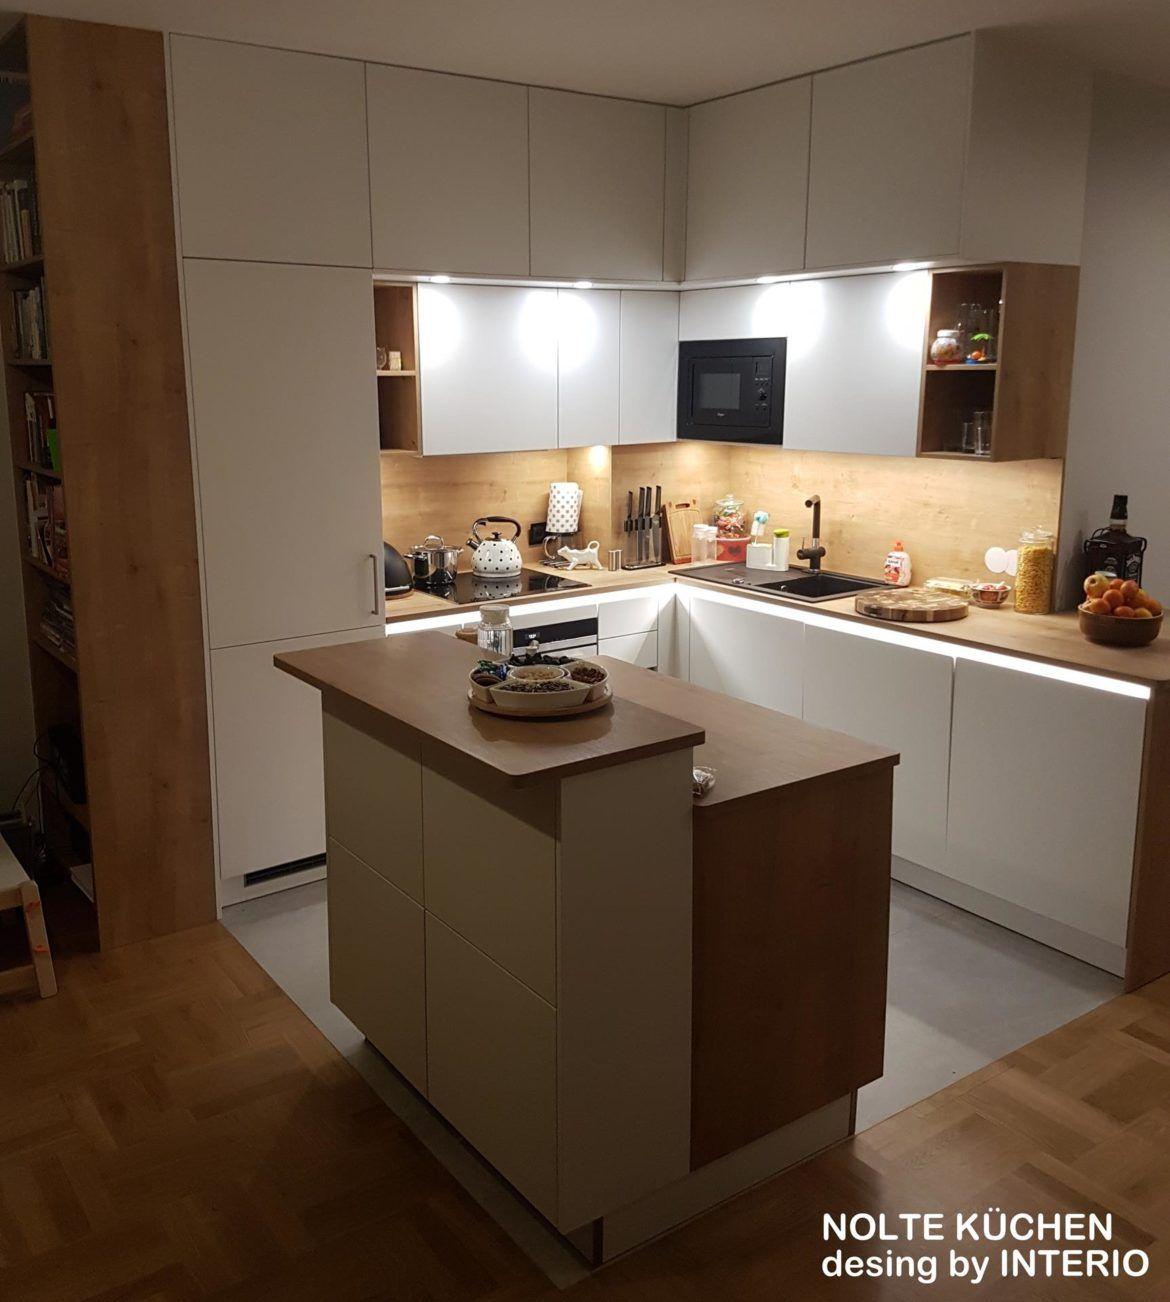 Mala Kuchnia Dla Calej Rodziny Kitchen Design Tiny House Kitchen Kitchen Interior